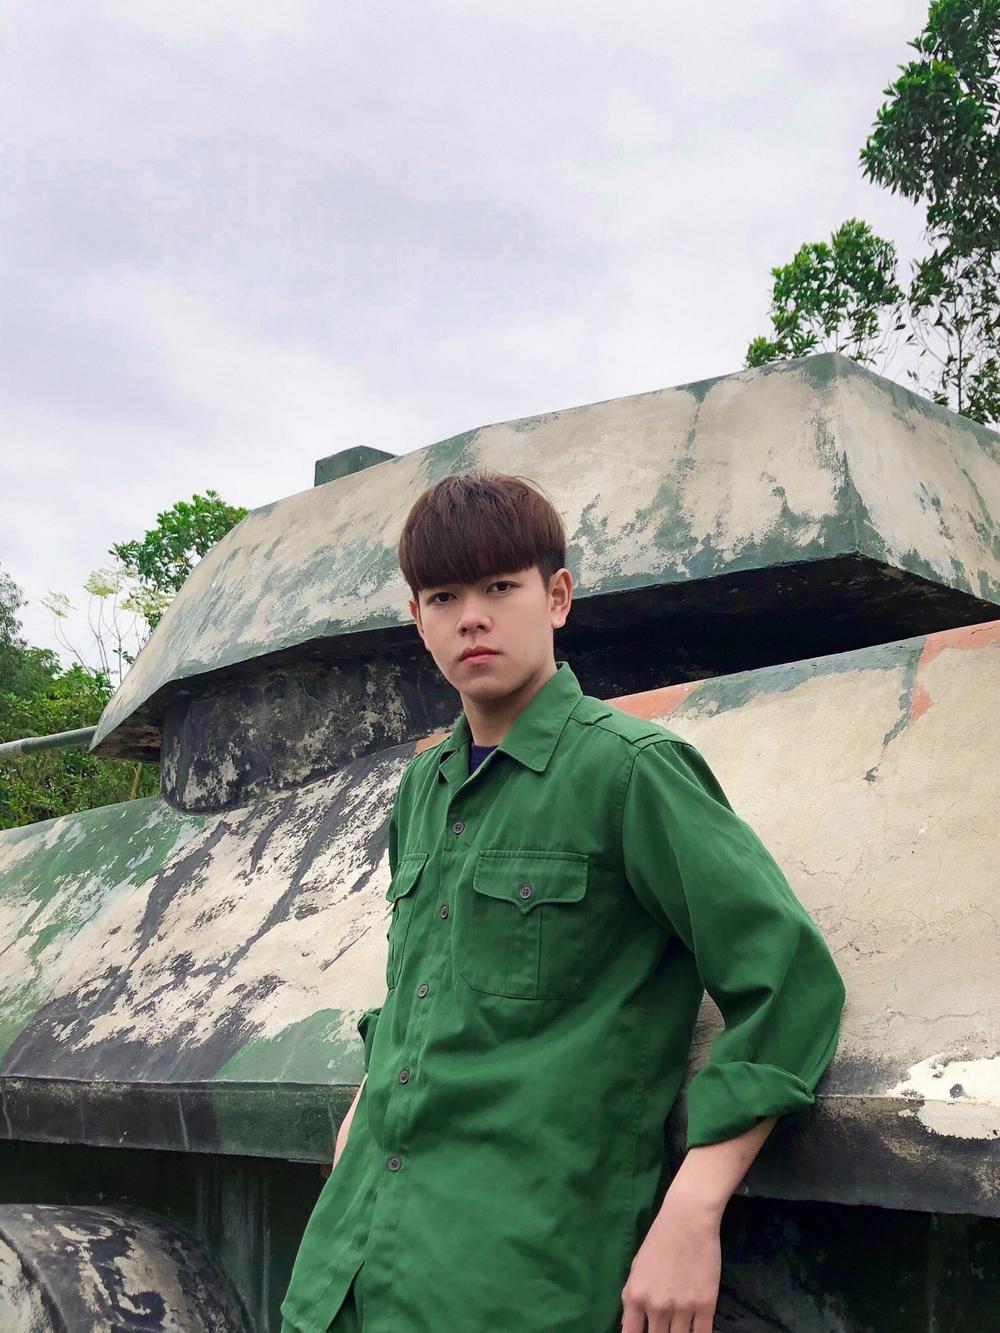 Chiêm ngưỡng dàn 'Trai xinh gái đẹp'- 'Đặc sản' mùa quân sự của Học viện Chính sách và Phát triển Ảnh 15